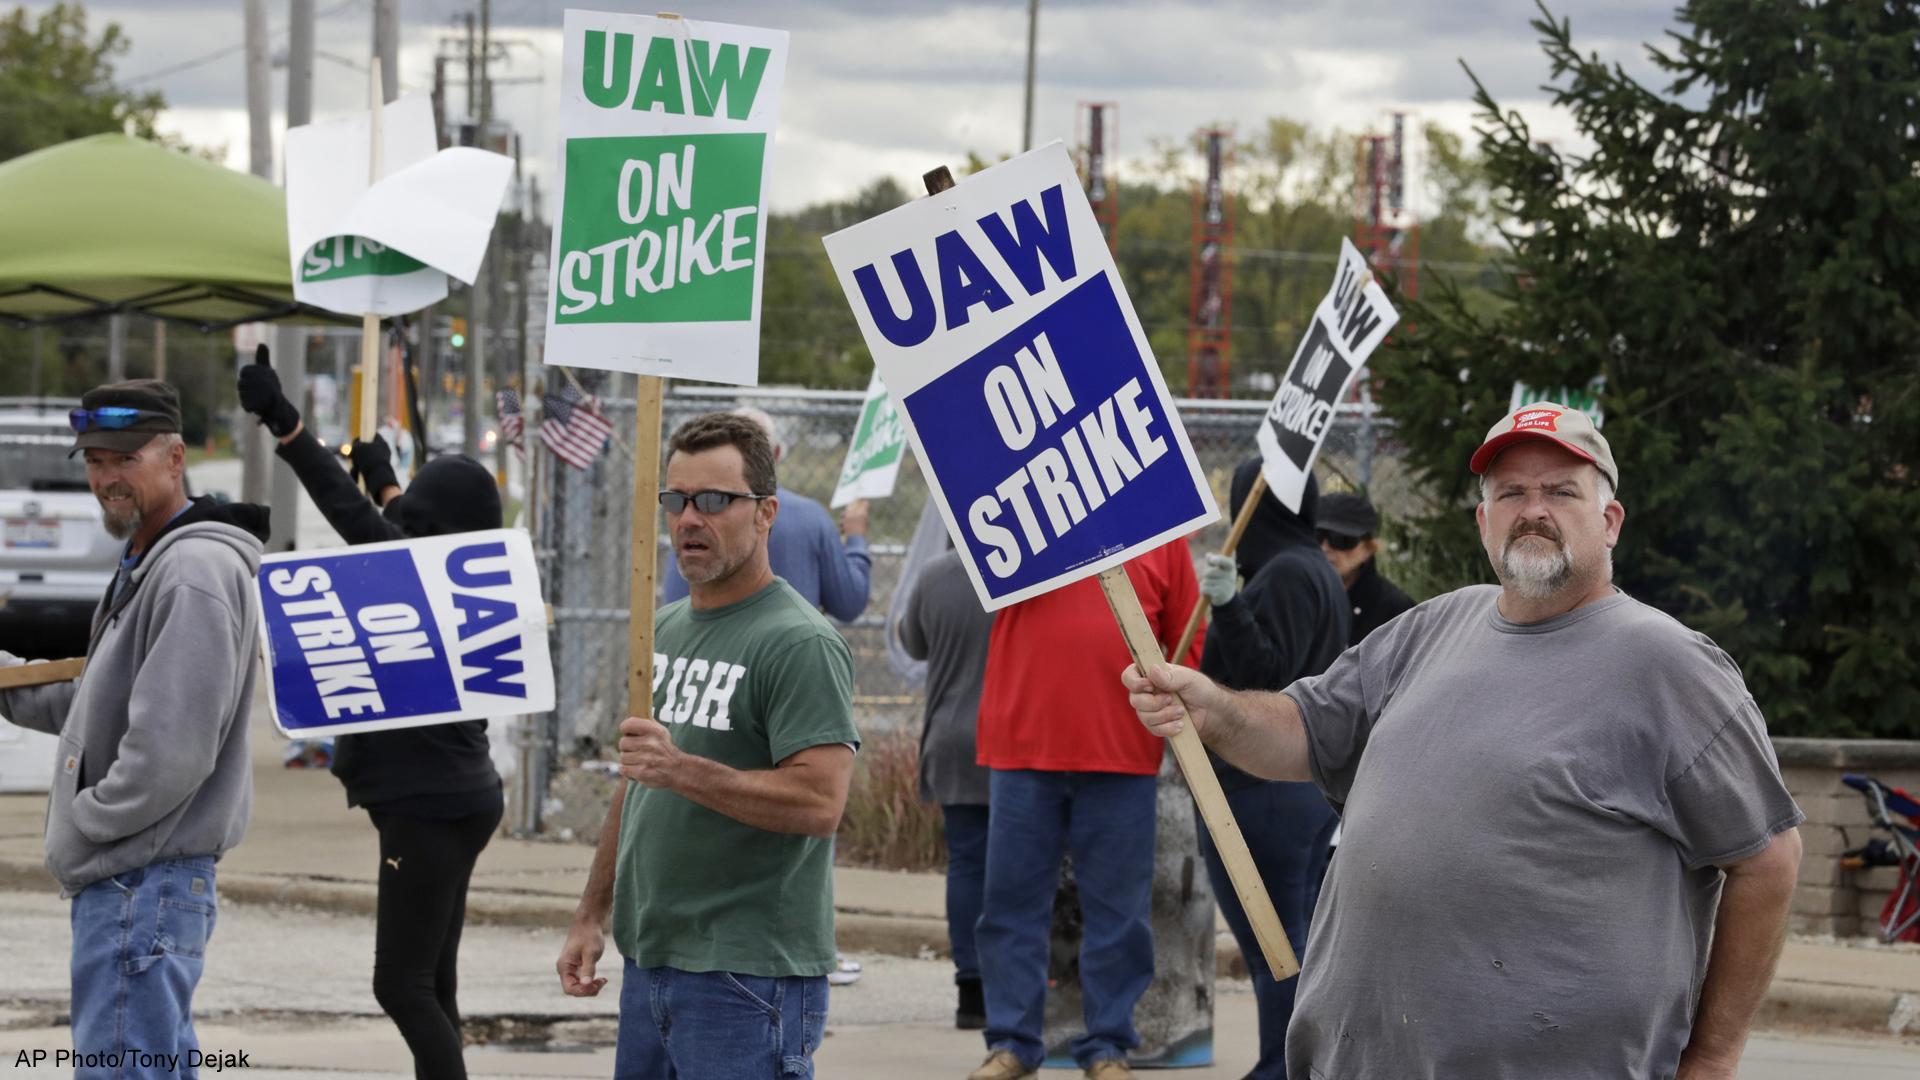 UAW GM strike